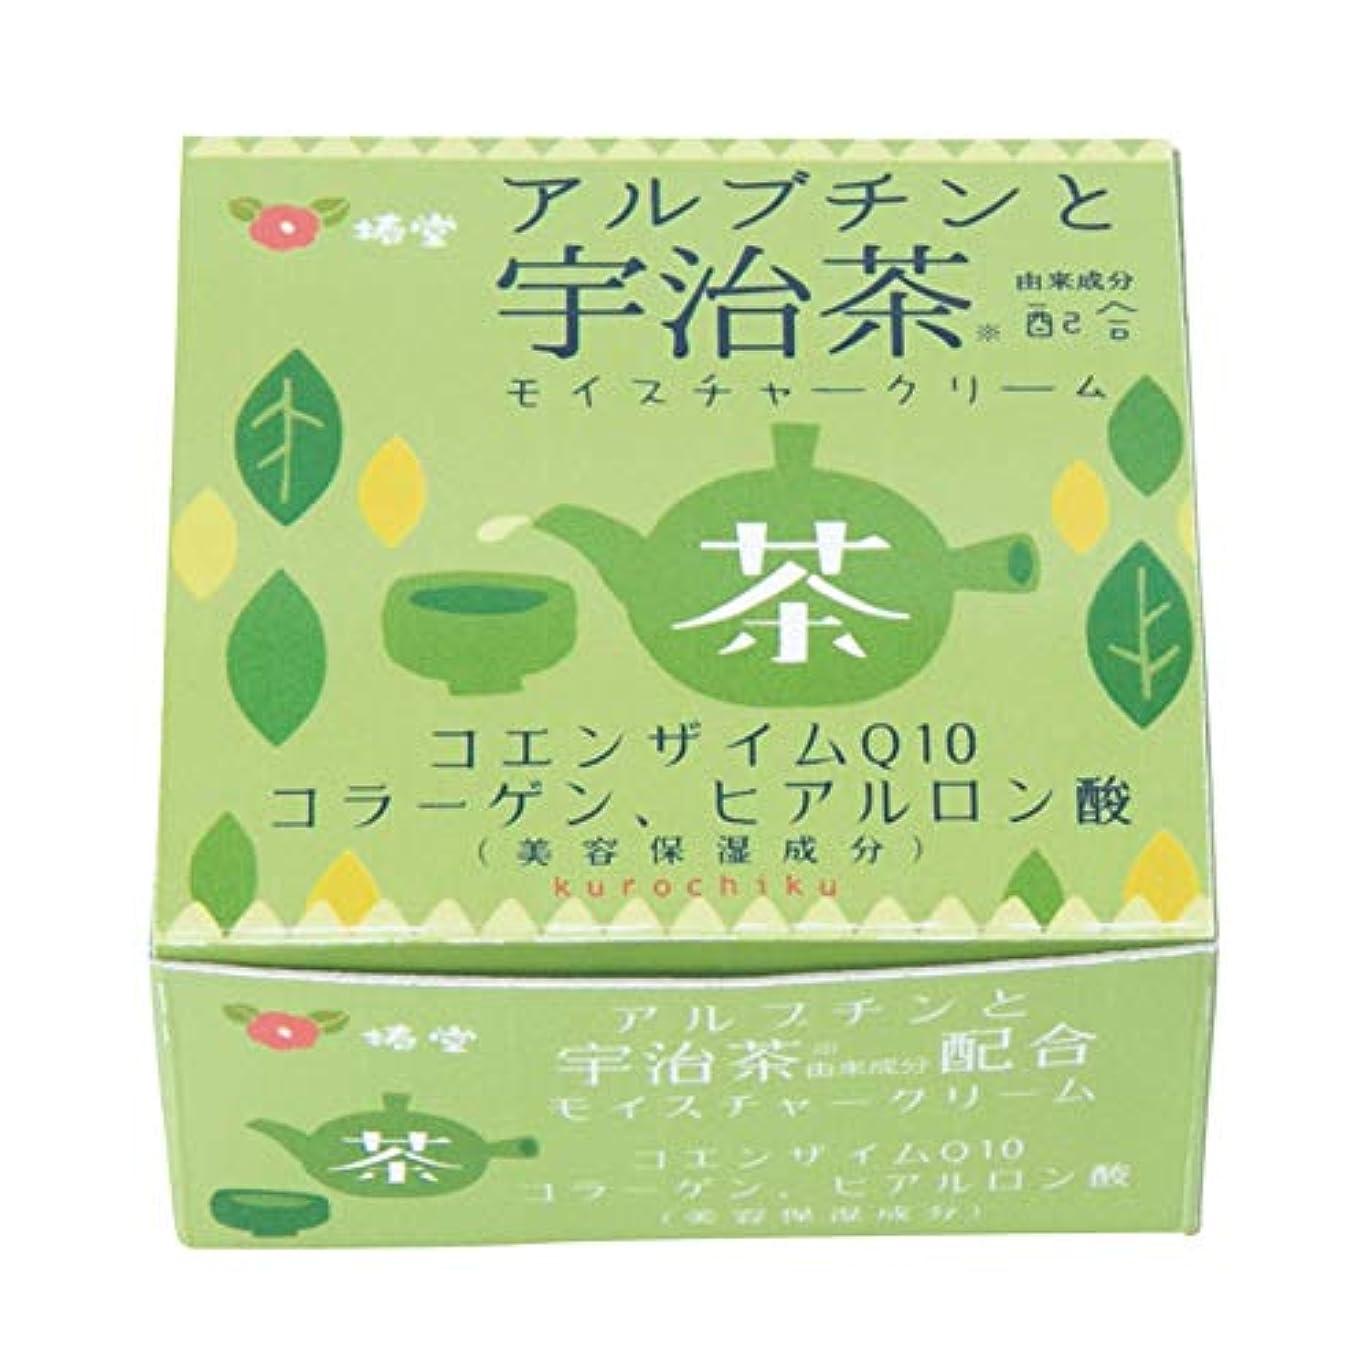 見通しノート肘掛け椅子椿堂 宇治茶モイスチャークリーム (アルブチンと宇治茶) 京都くろちく